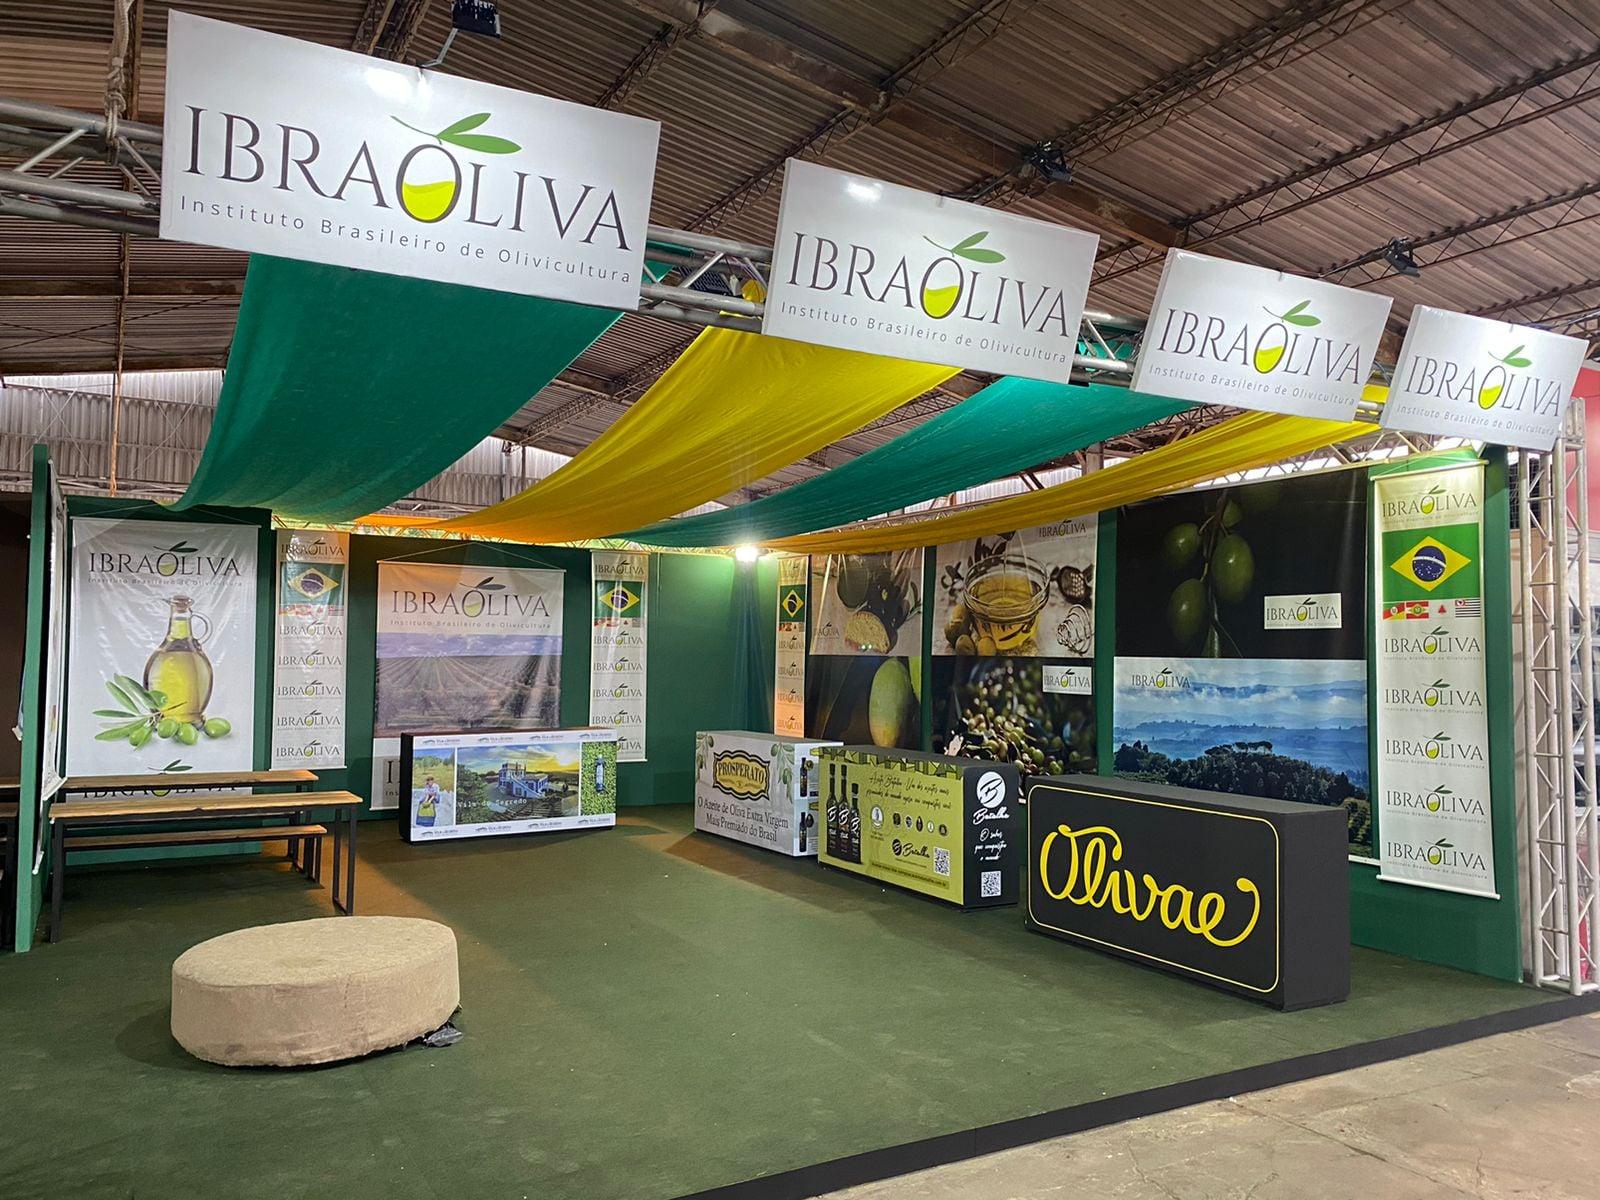 Instituto Brasileiro de Olivicultura destaca apoio do governo do Estado na 44ª Expointer e expansão da produção de azeite